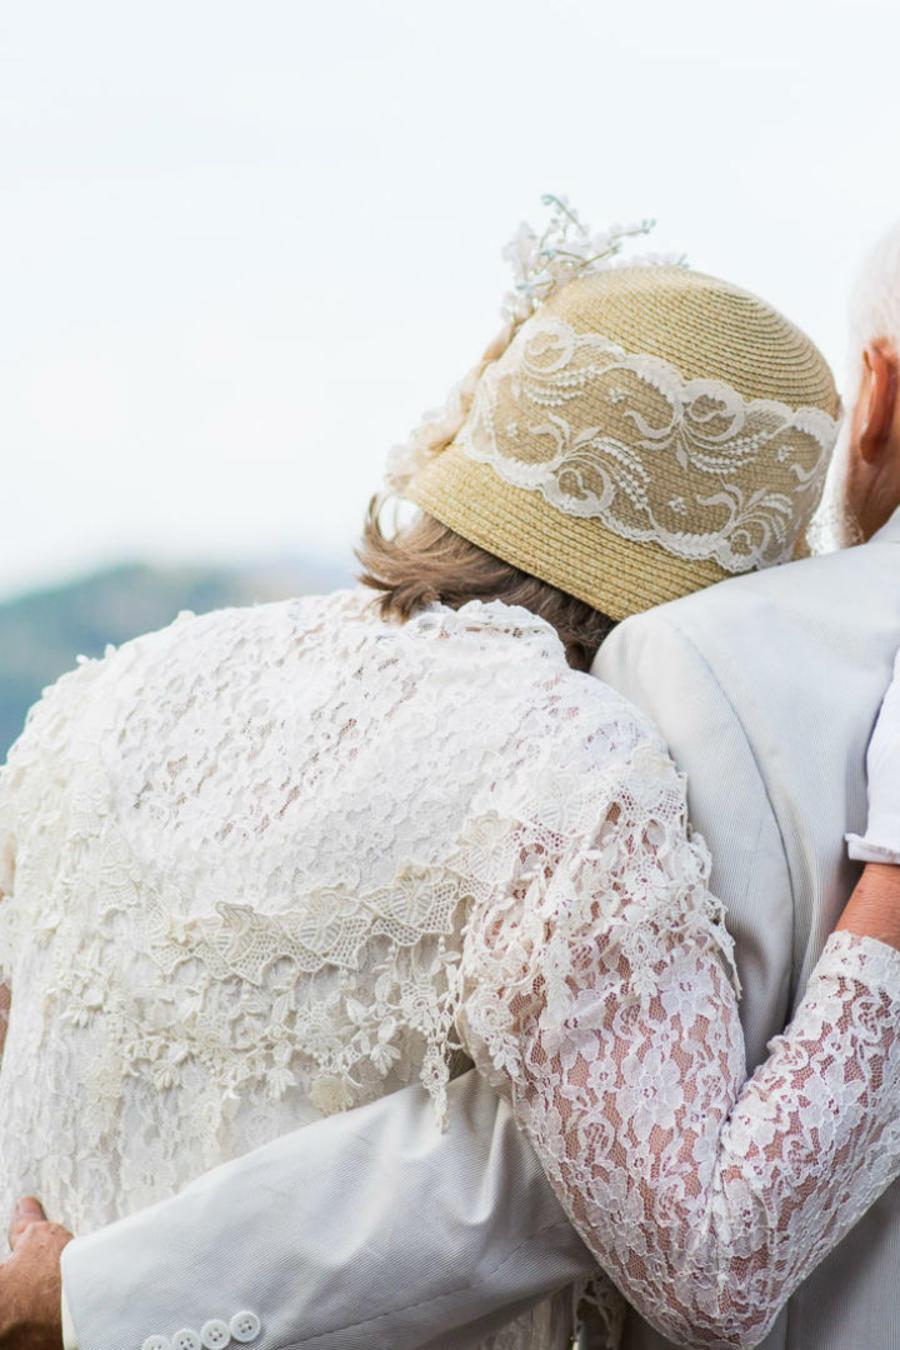 Pareja de ancianos abrazados